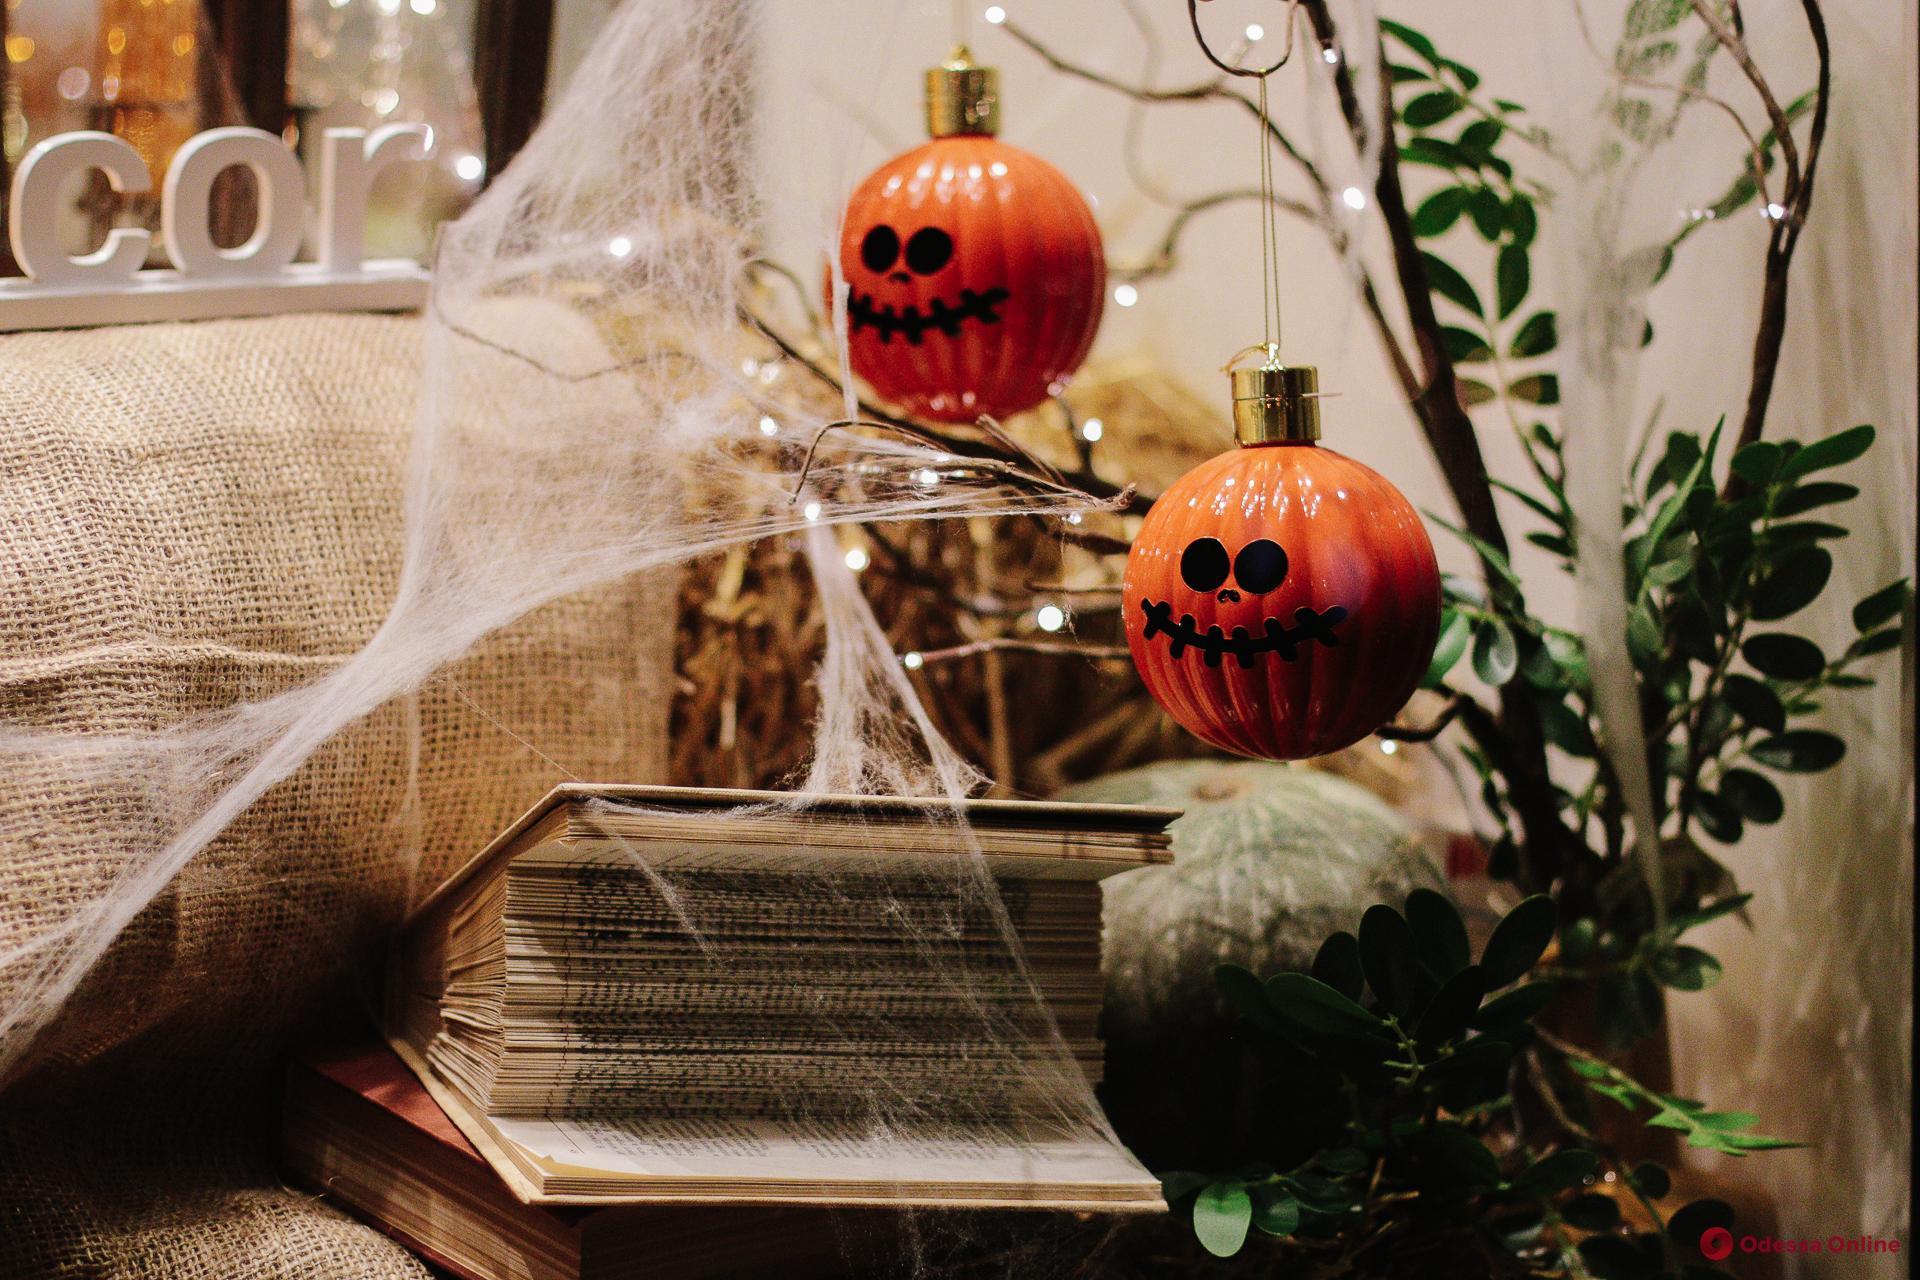 Тыквы повсюду: одесские витрины преобразились к Хэллоуину (фоторепортаж)